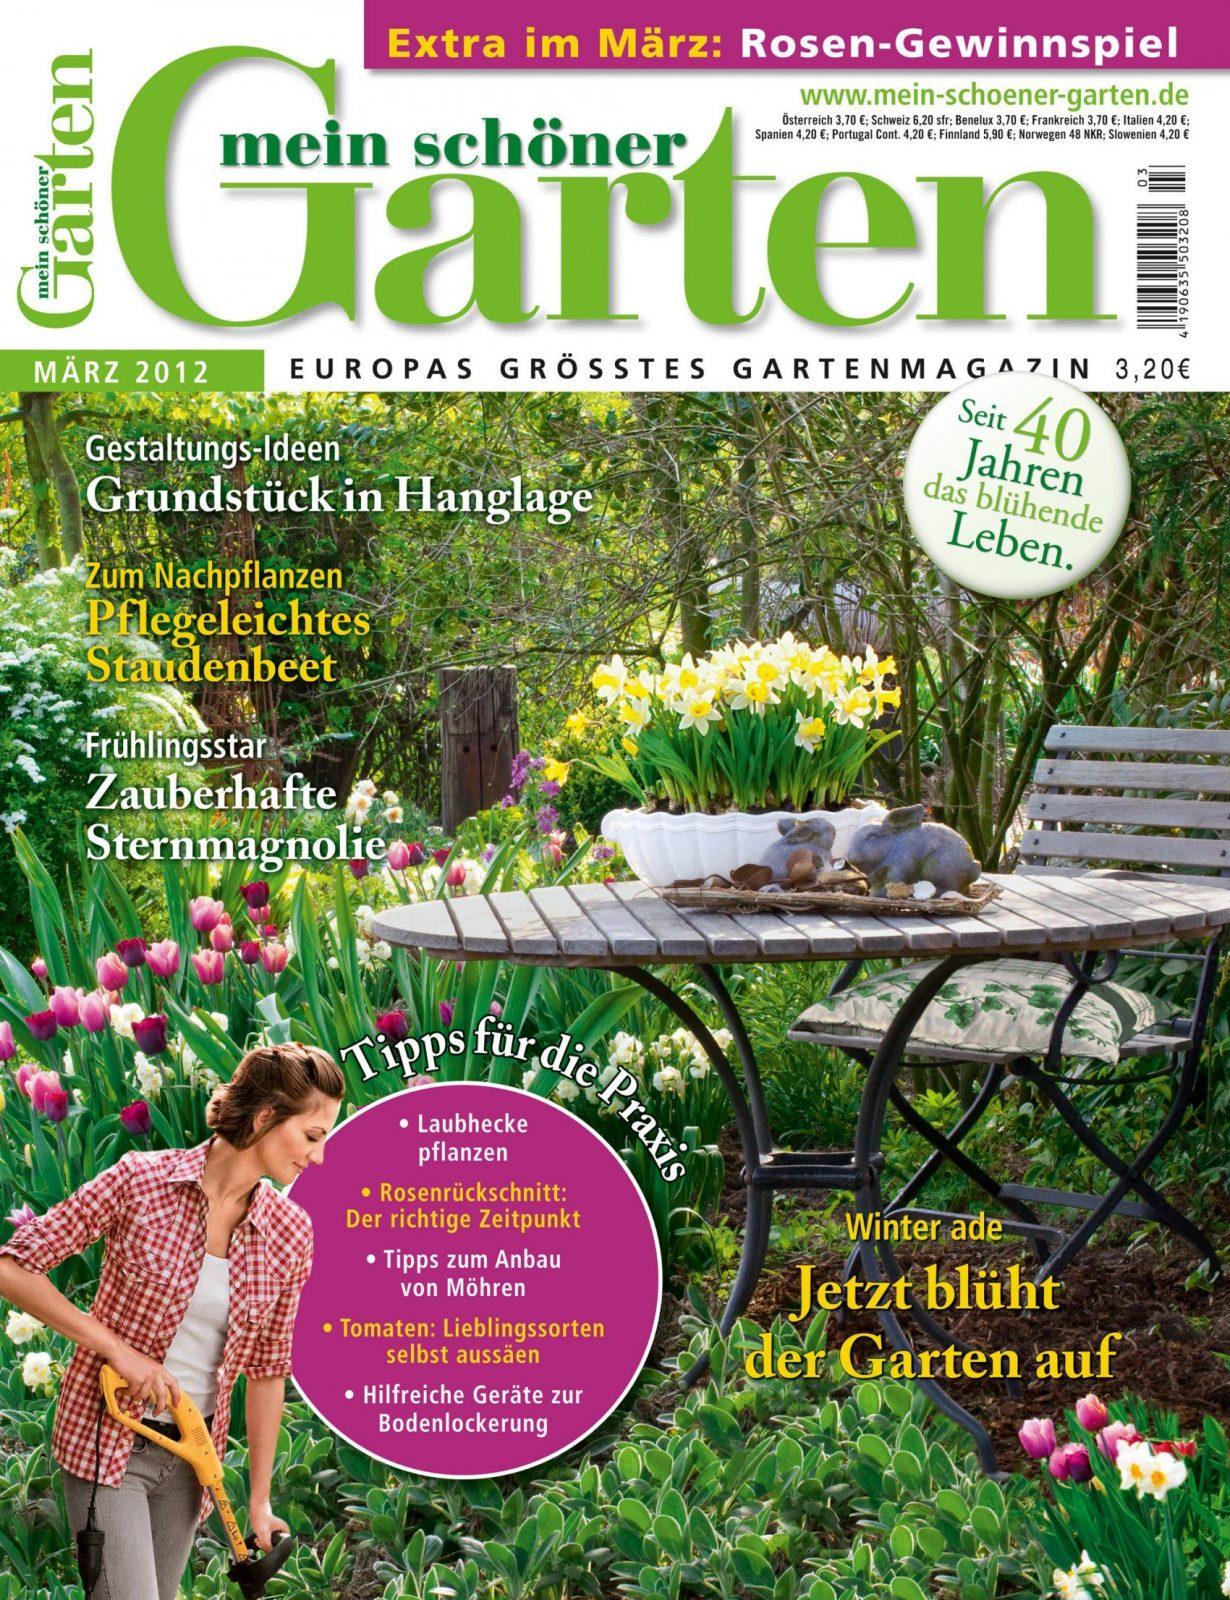 Gartenfotos Mein Schöner Garten Inspirierend Beautiful Abo Mein von Gartenfotos Mein Schöner Garten Photo